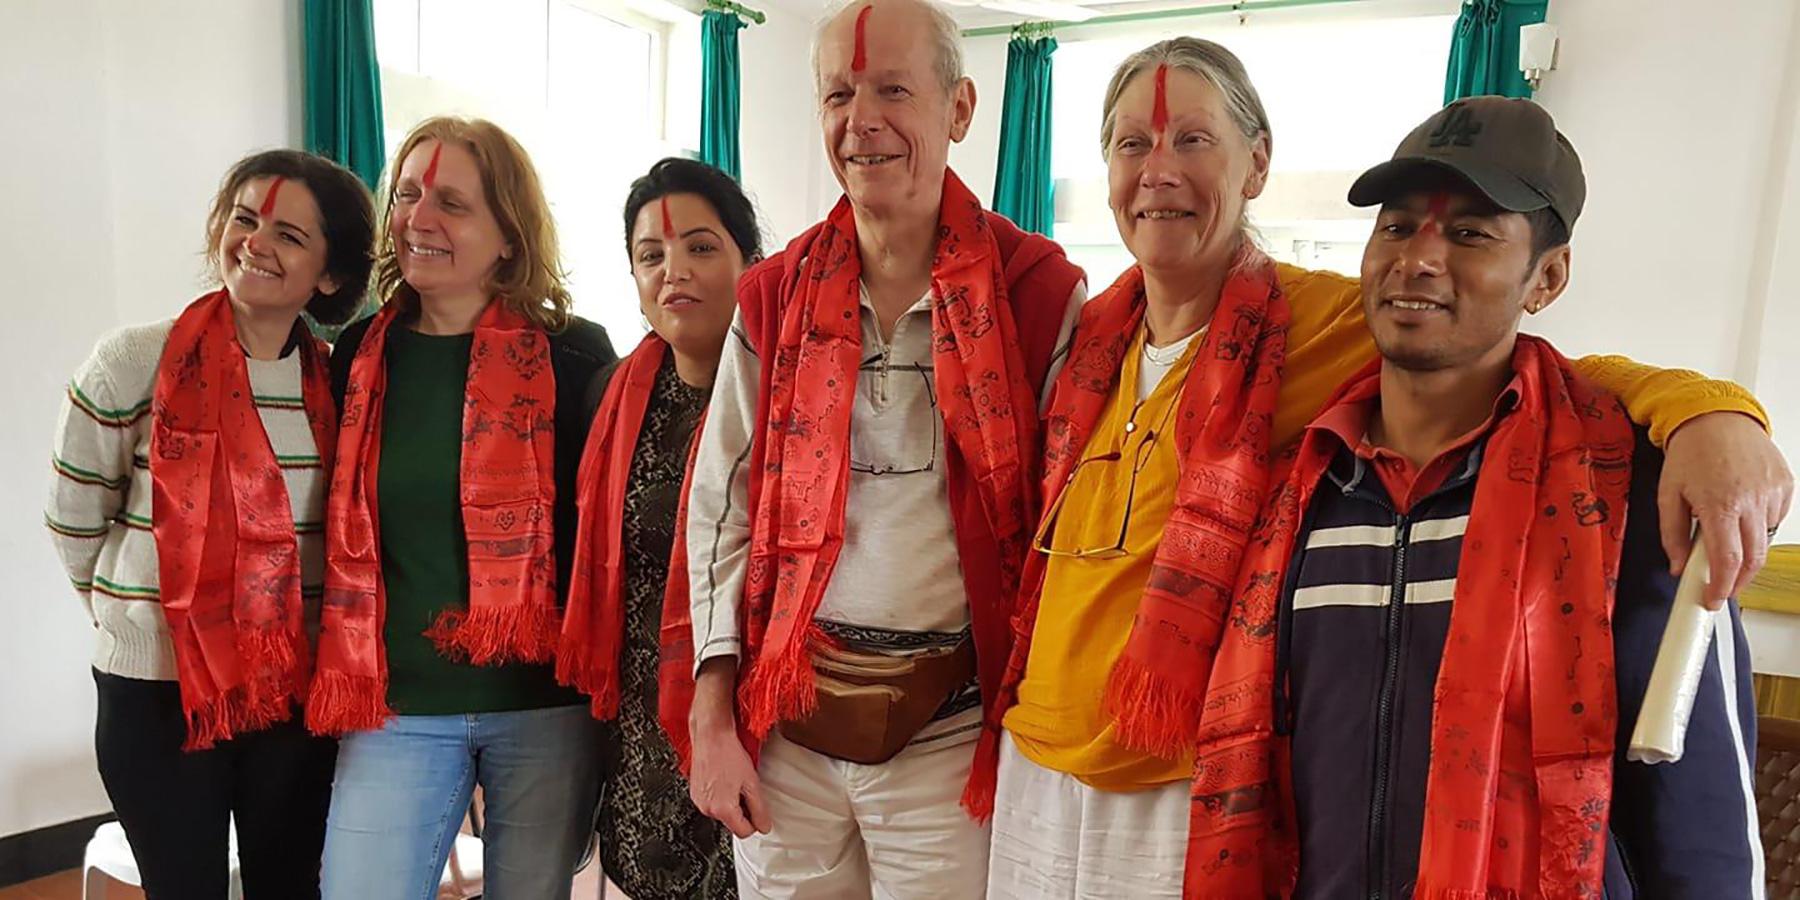 Eyecamp Nepal Himalayan Care Hands